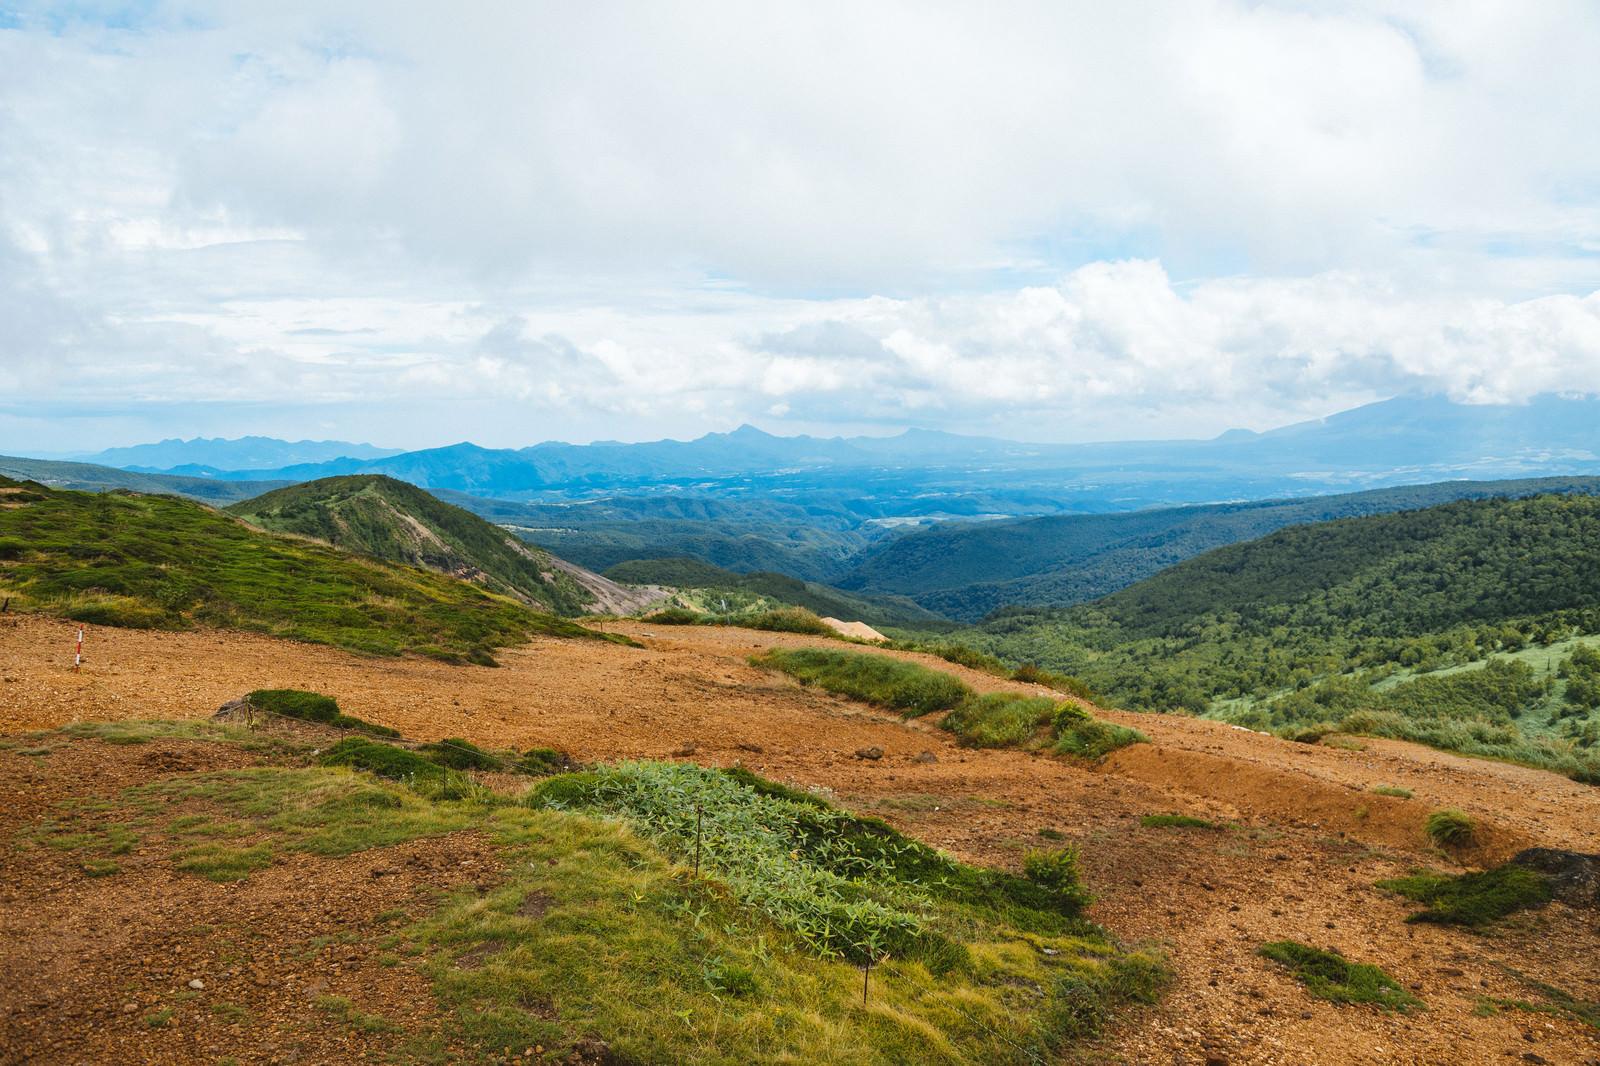 「毛無峠山頂から見える景観」の写真